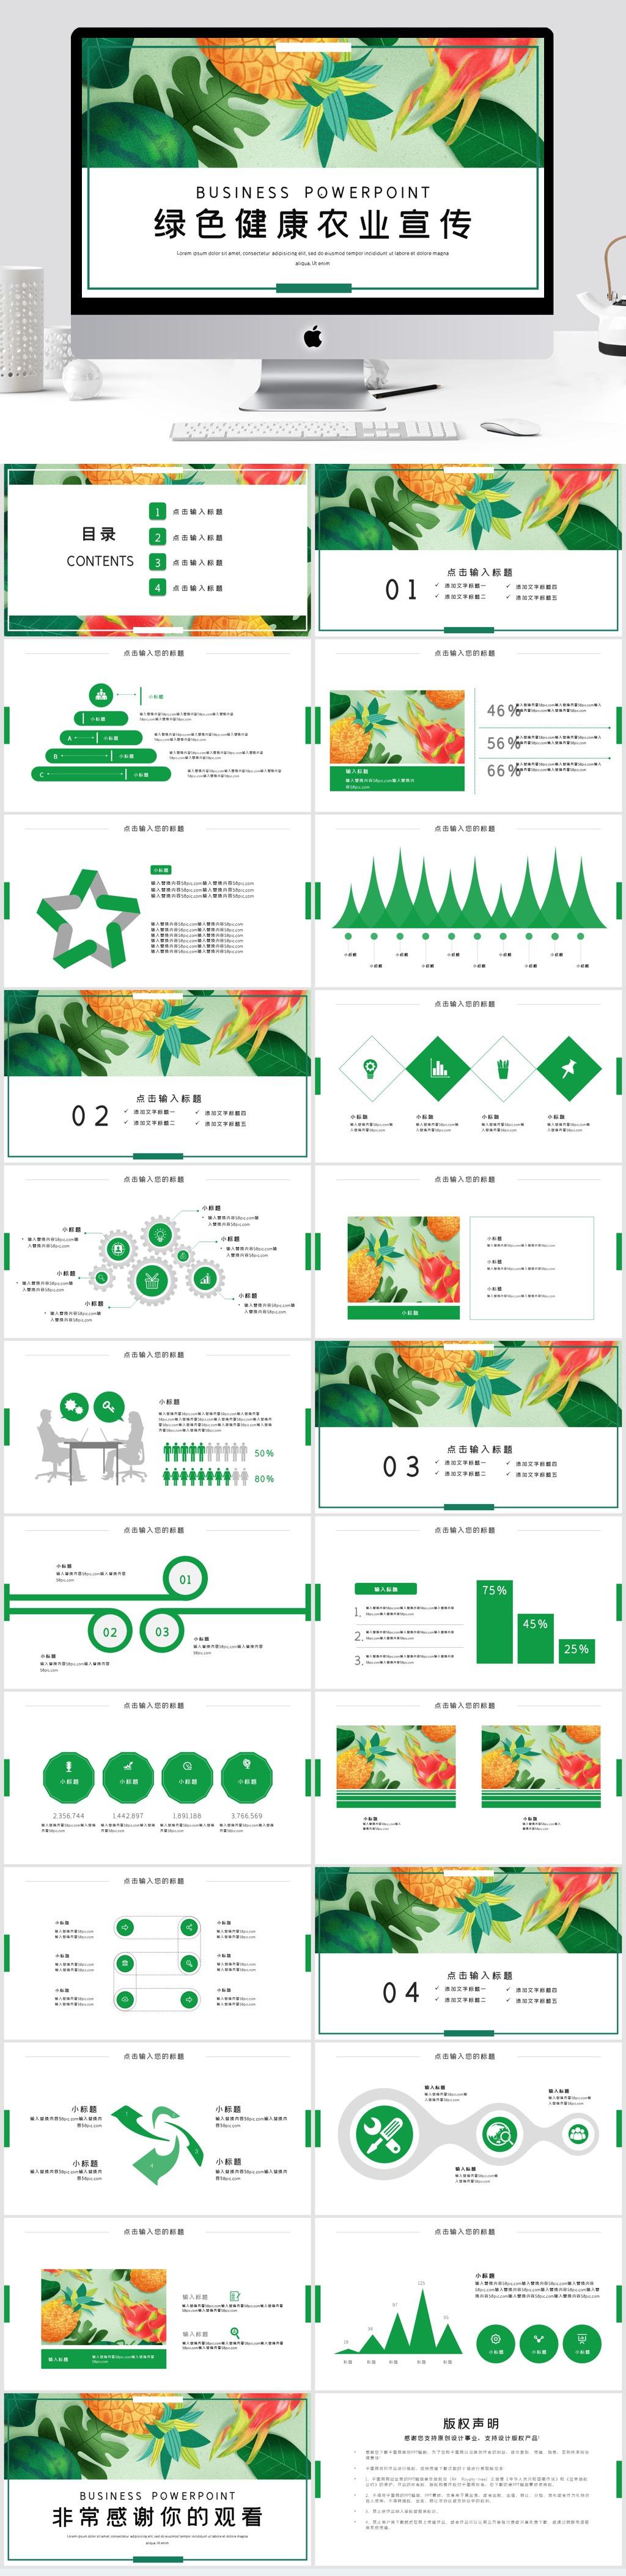 绿色健康农业宣传产品介绍PPT模板